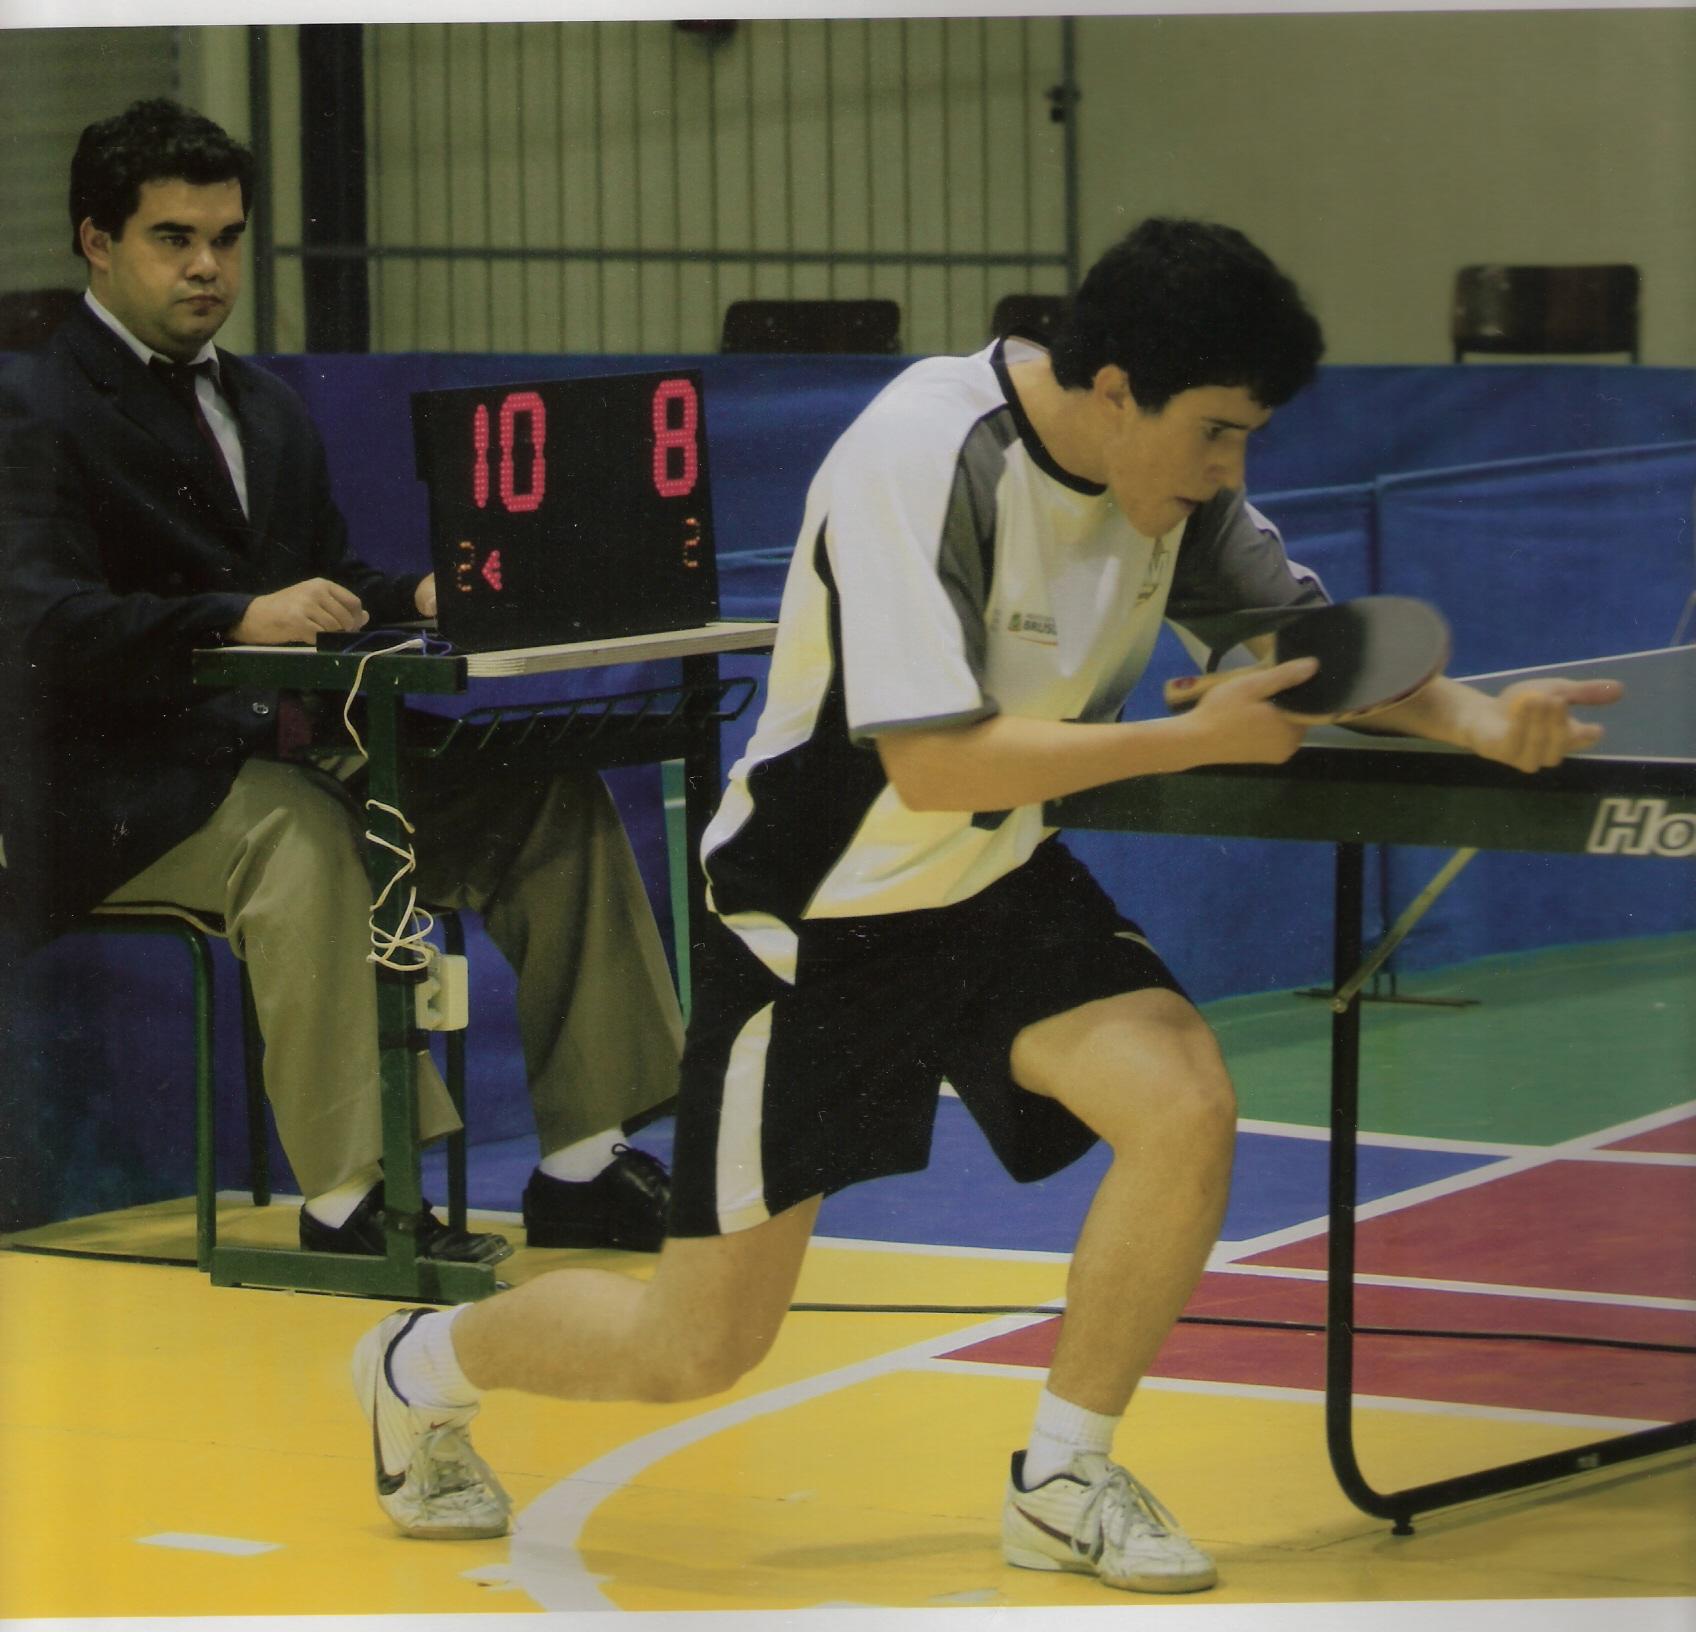 Atletas do tênis de mesa disputam o brasileiro em Piracicaba